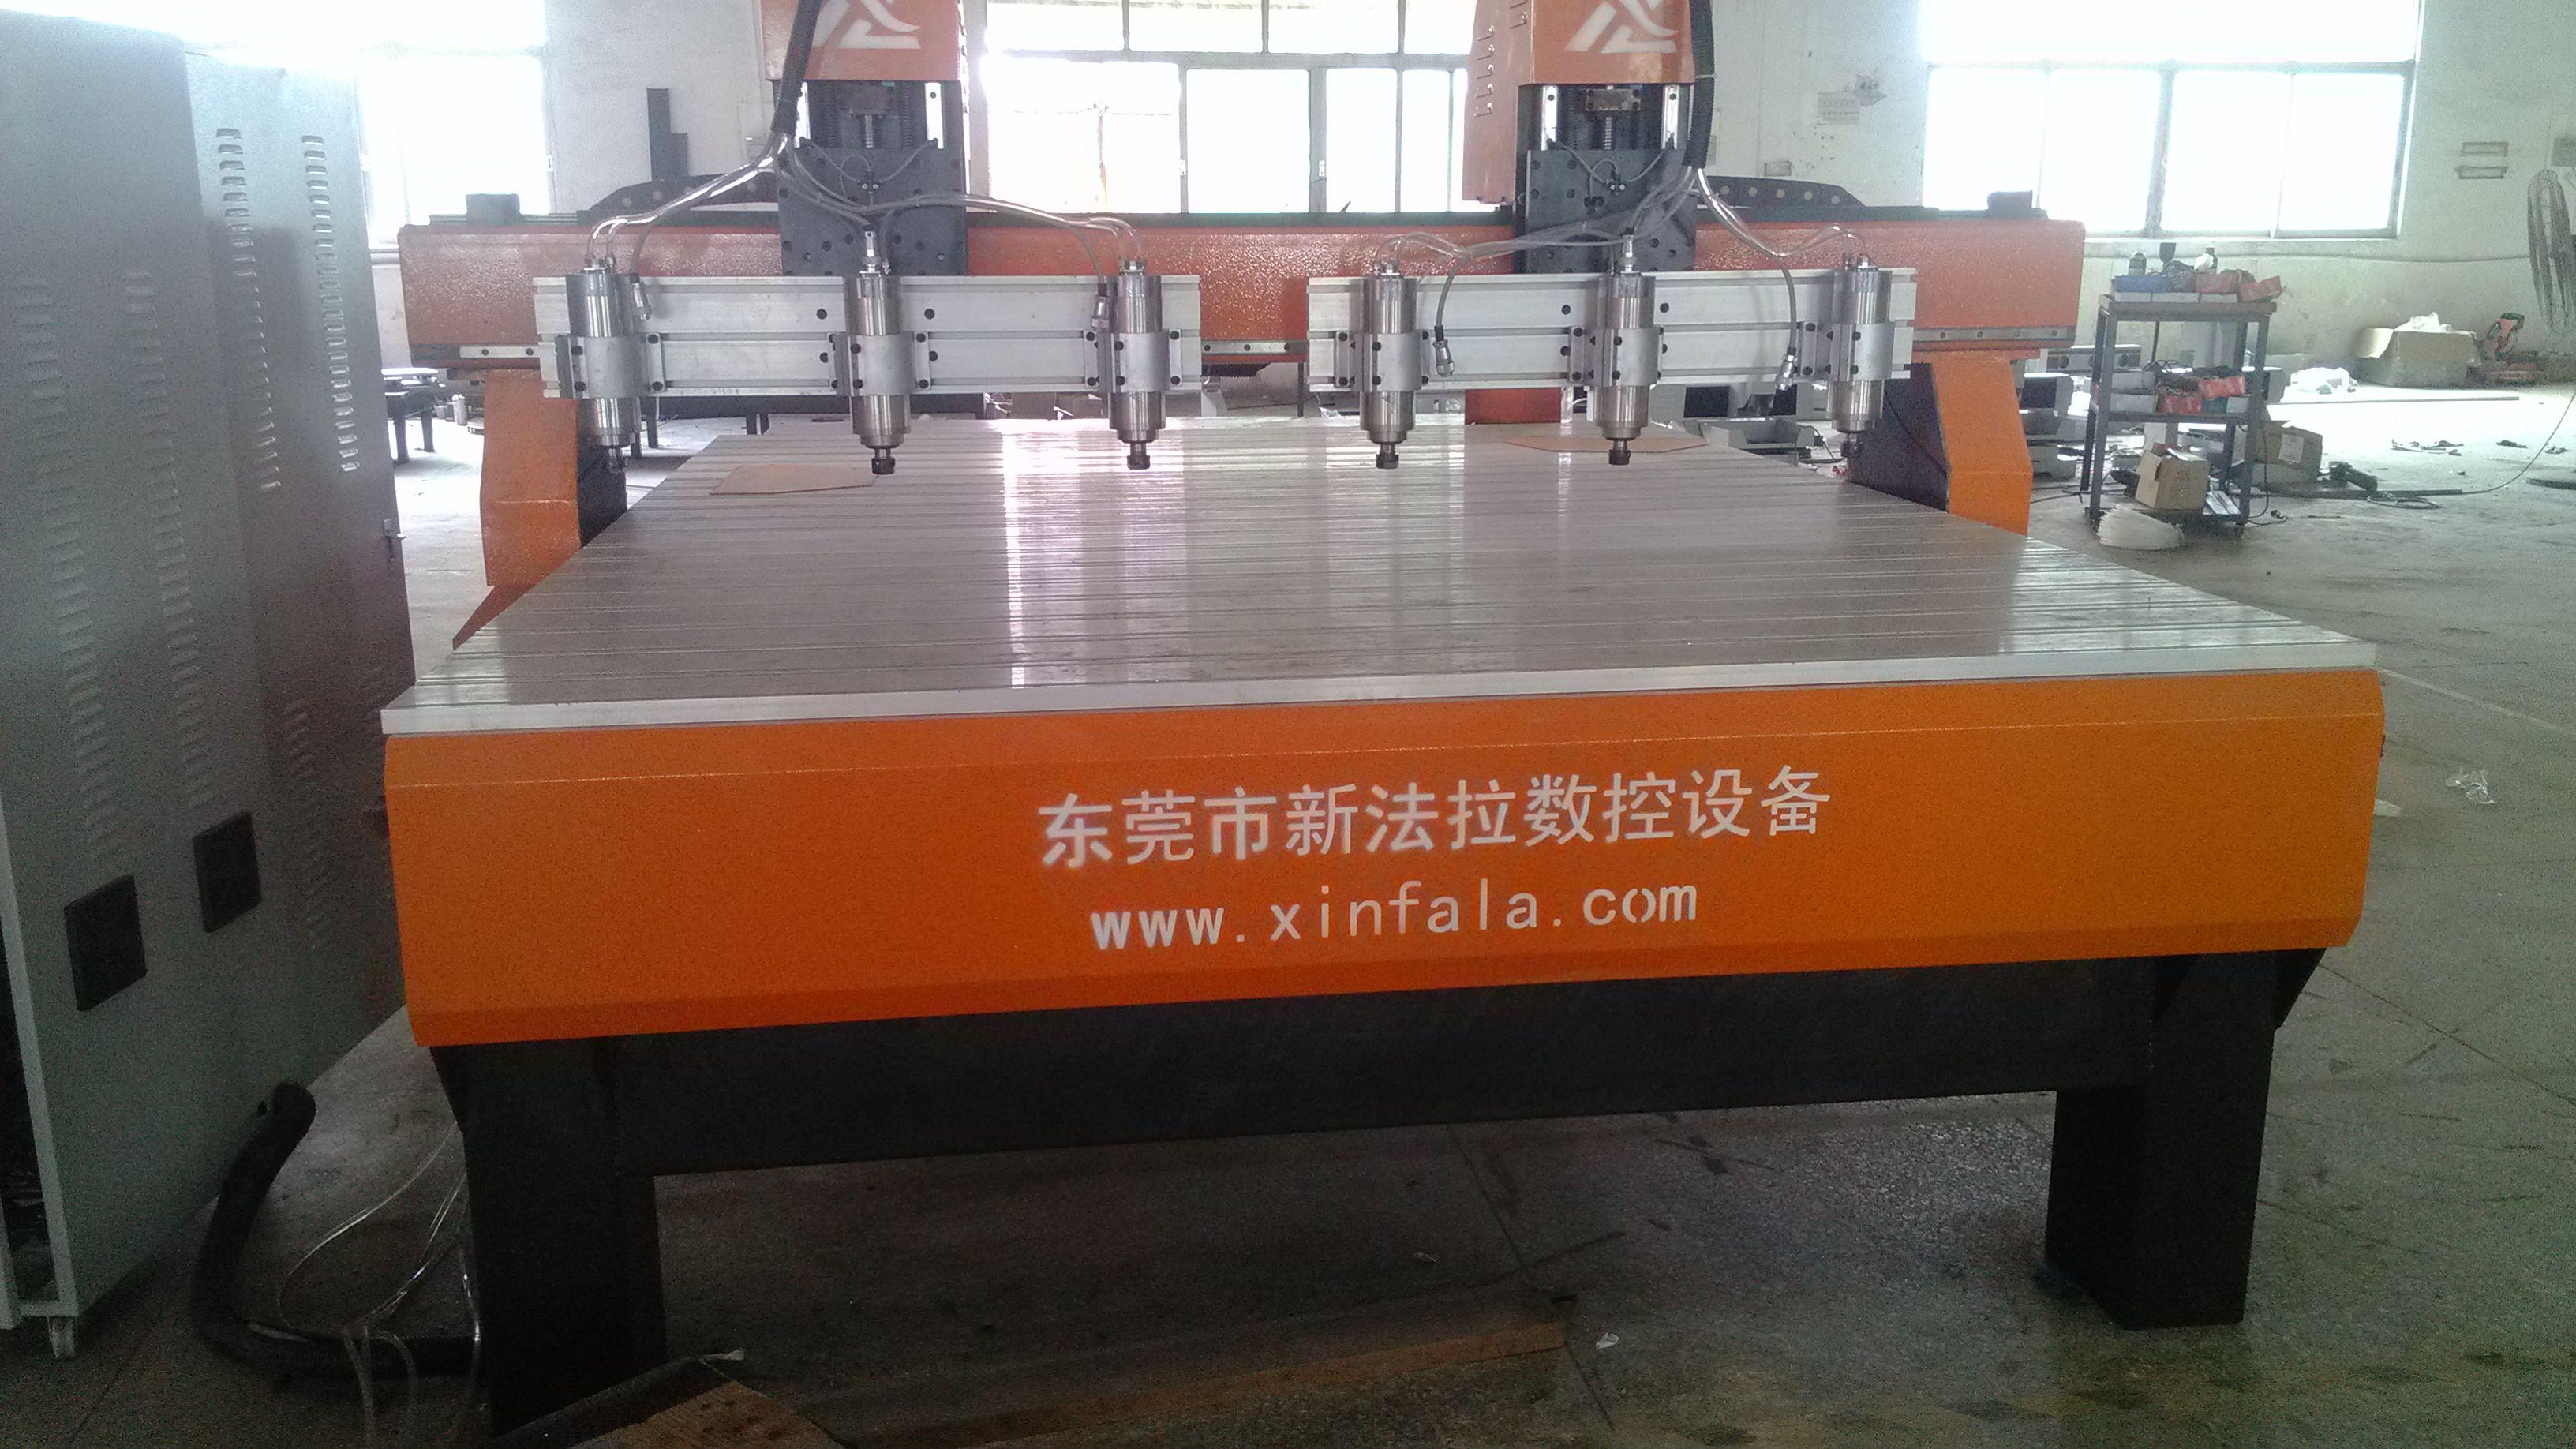 木工雕刻机厂家直销,机器性能稳定